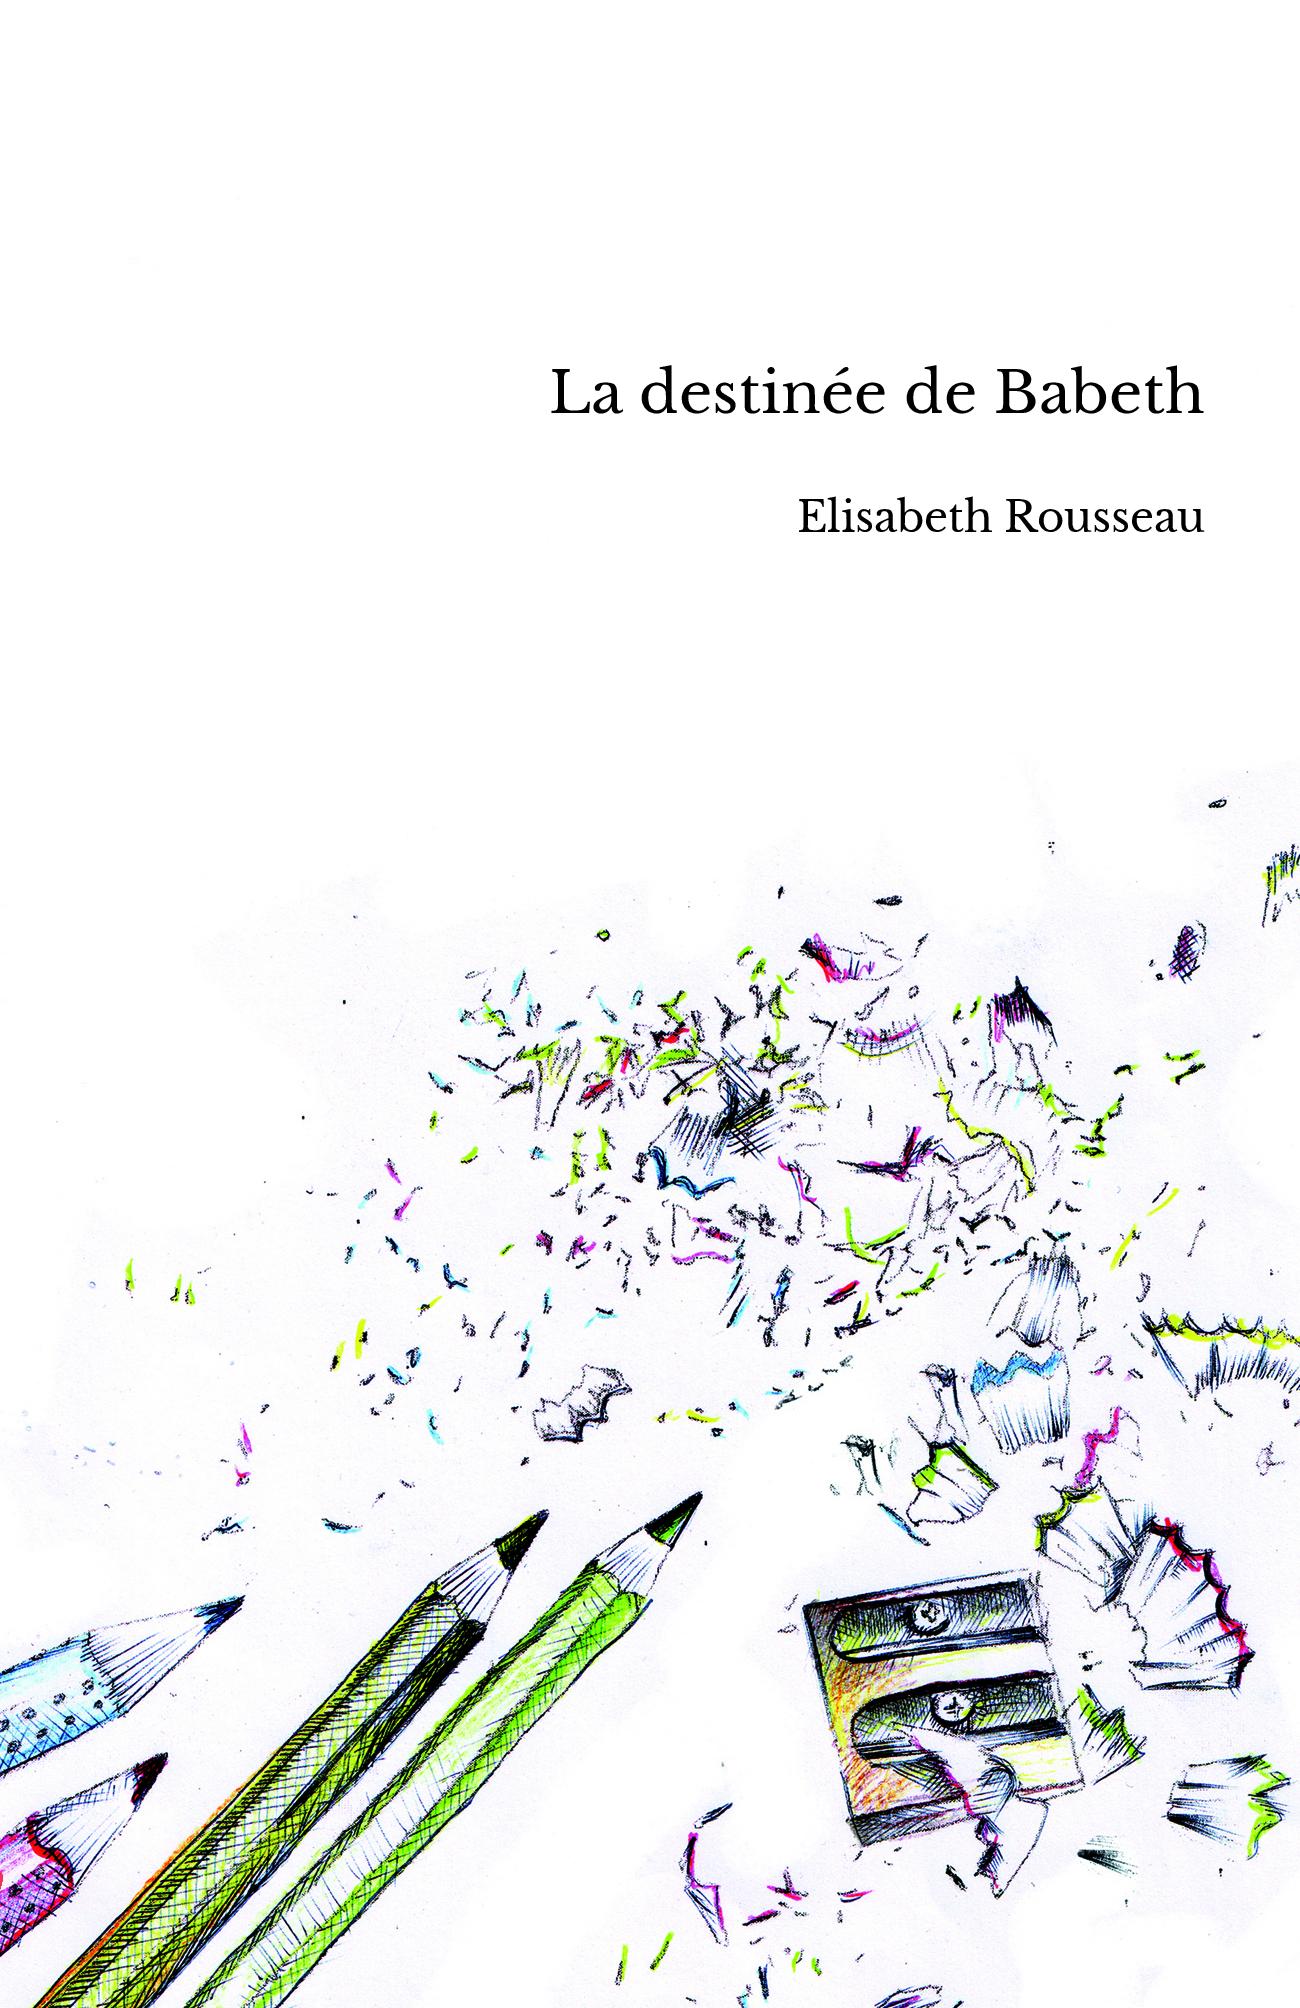 La destinée de Babeth